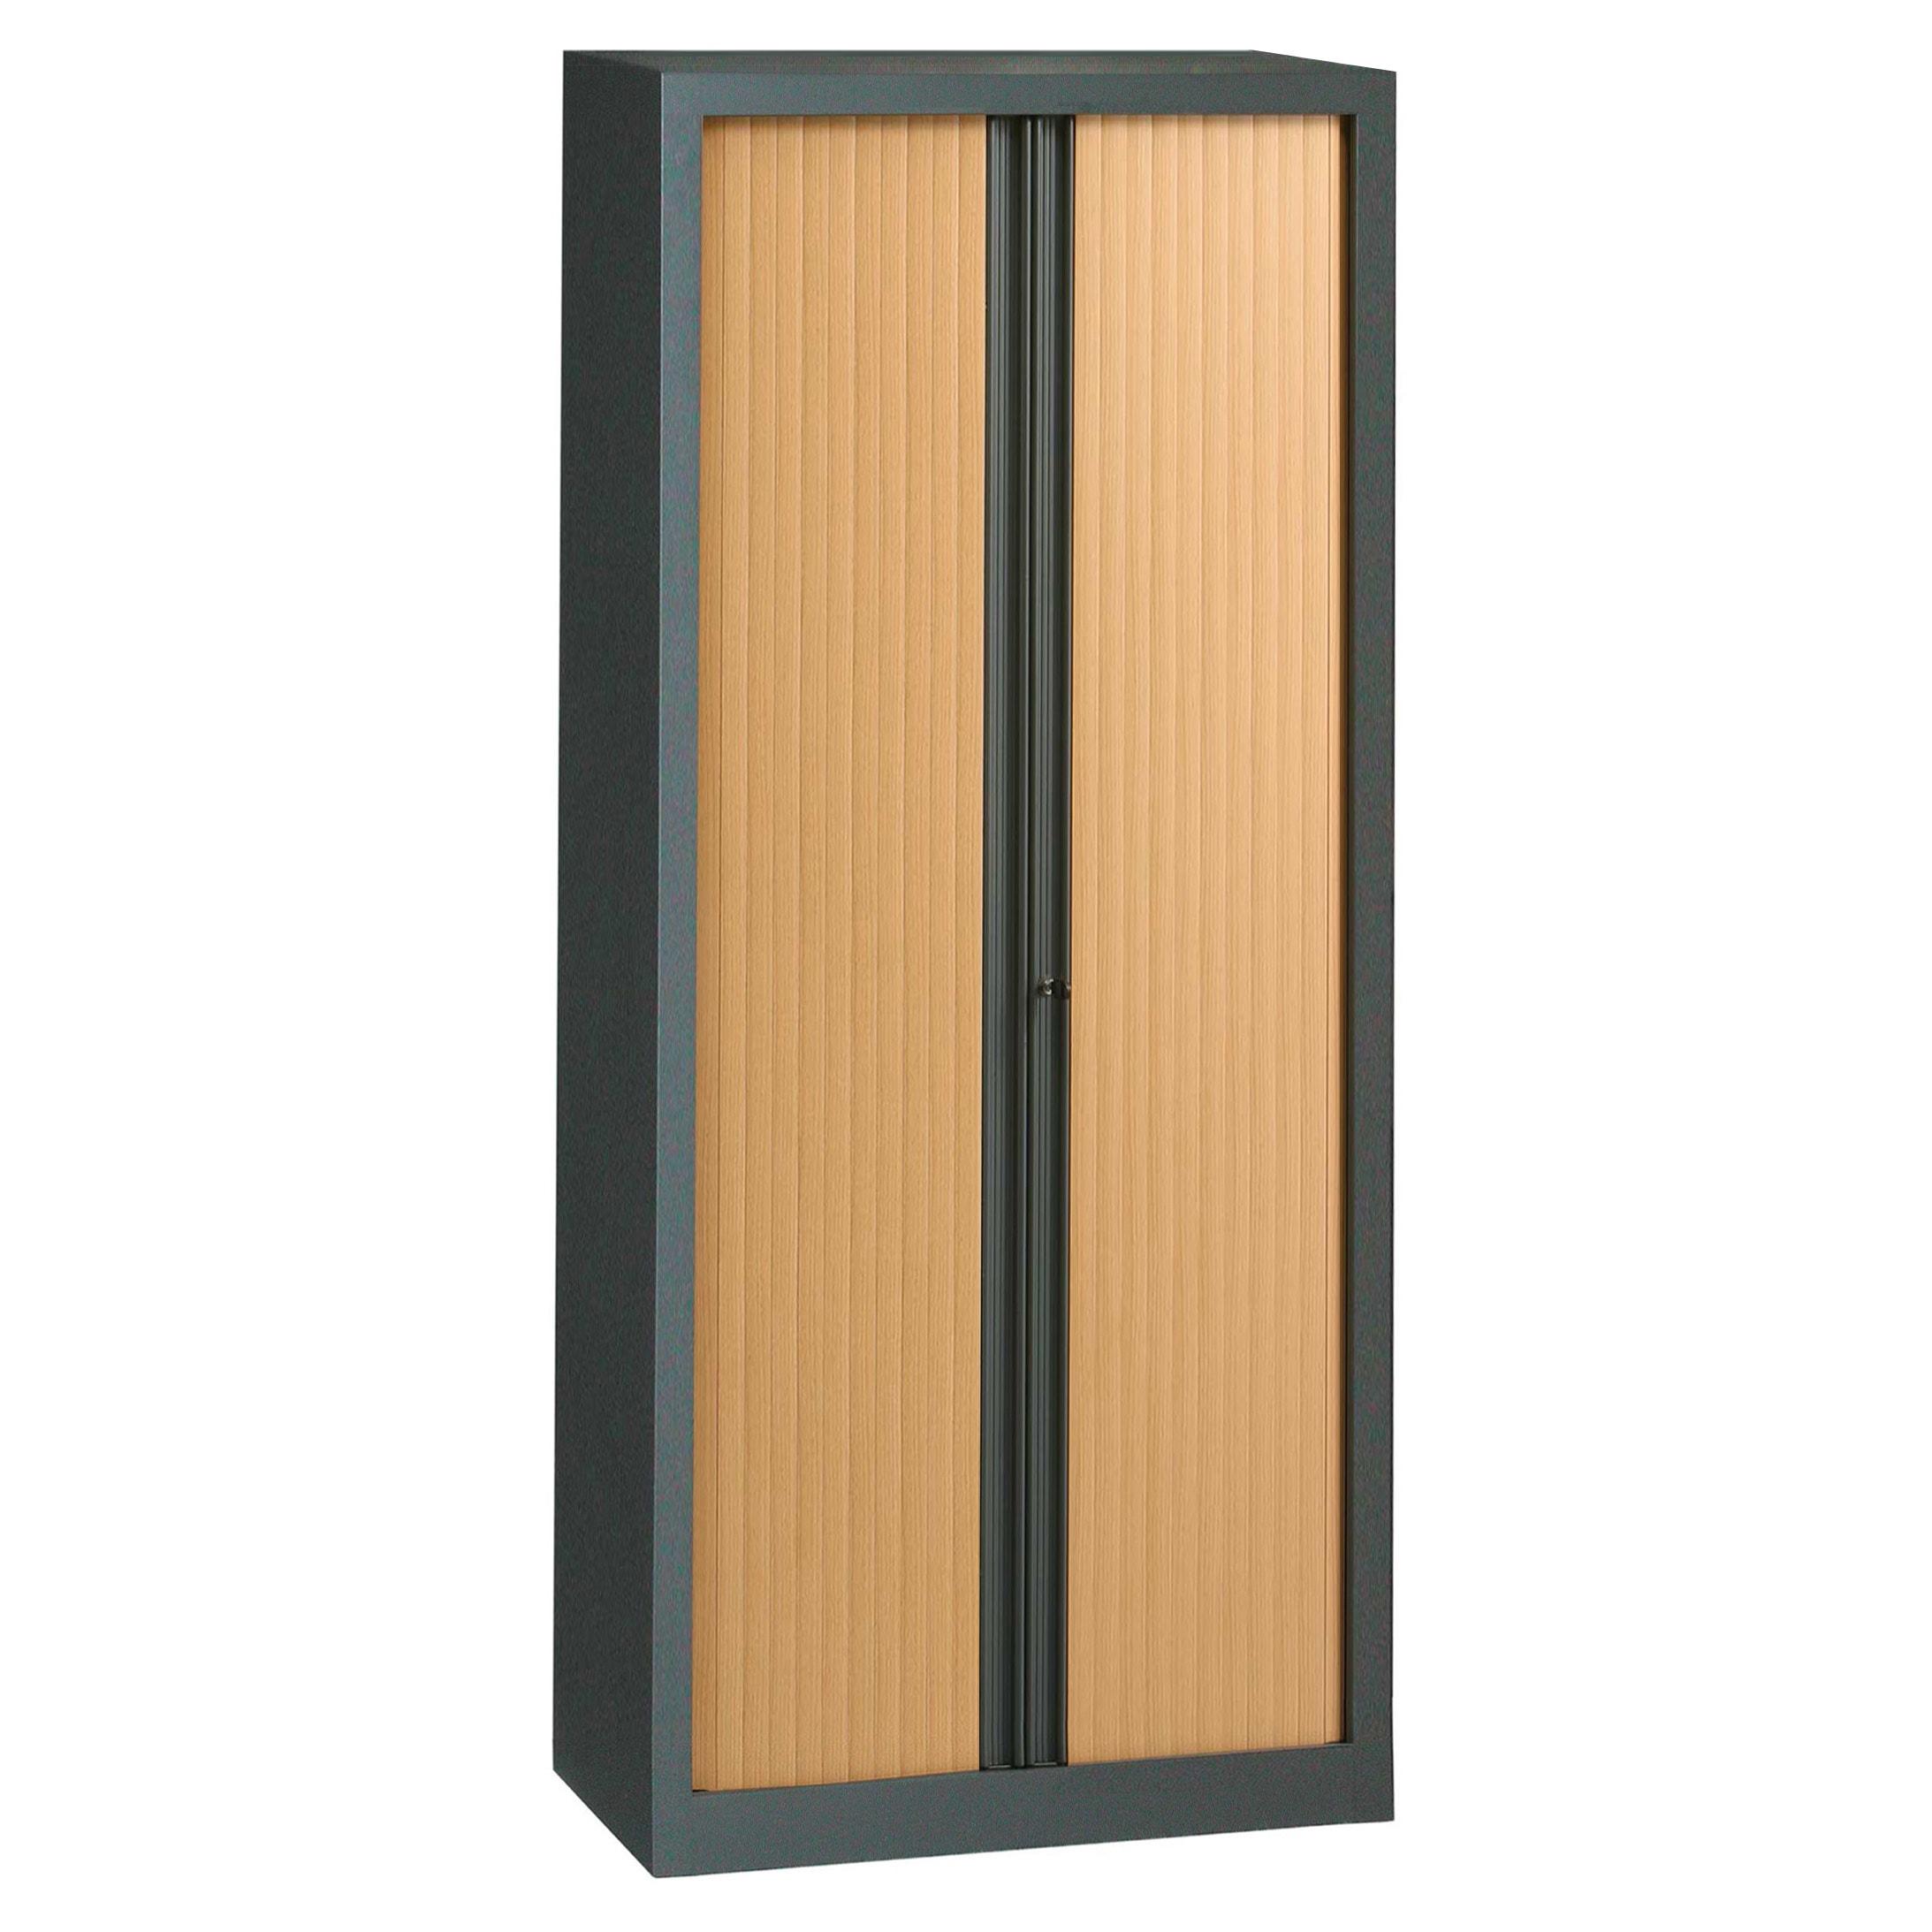 armoire rideaux s rie kit plus h198 l80 armoire plus. Black Bedroom Furniture Sets. Home Design Ideas